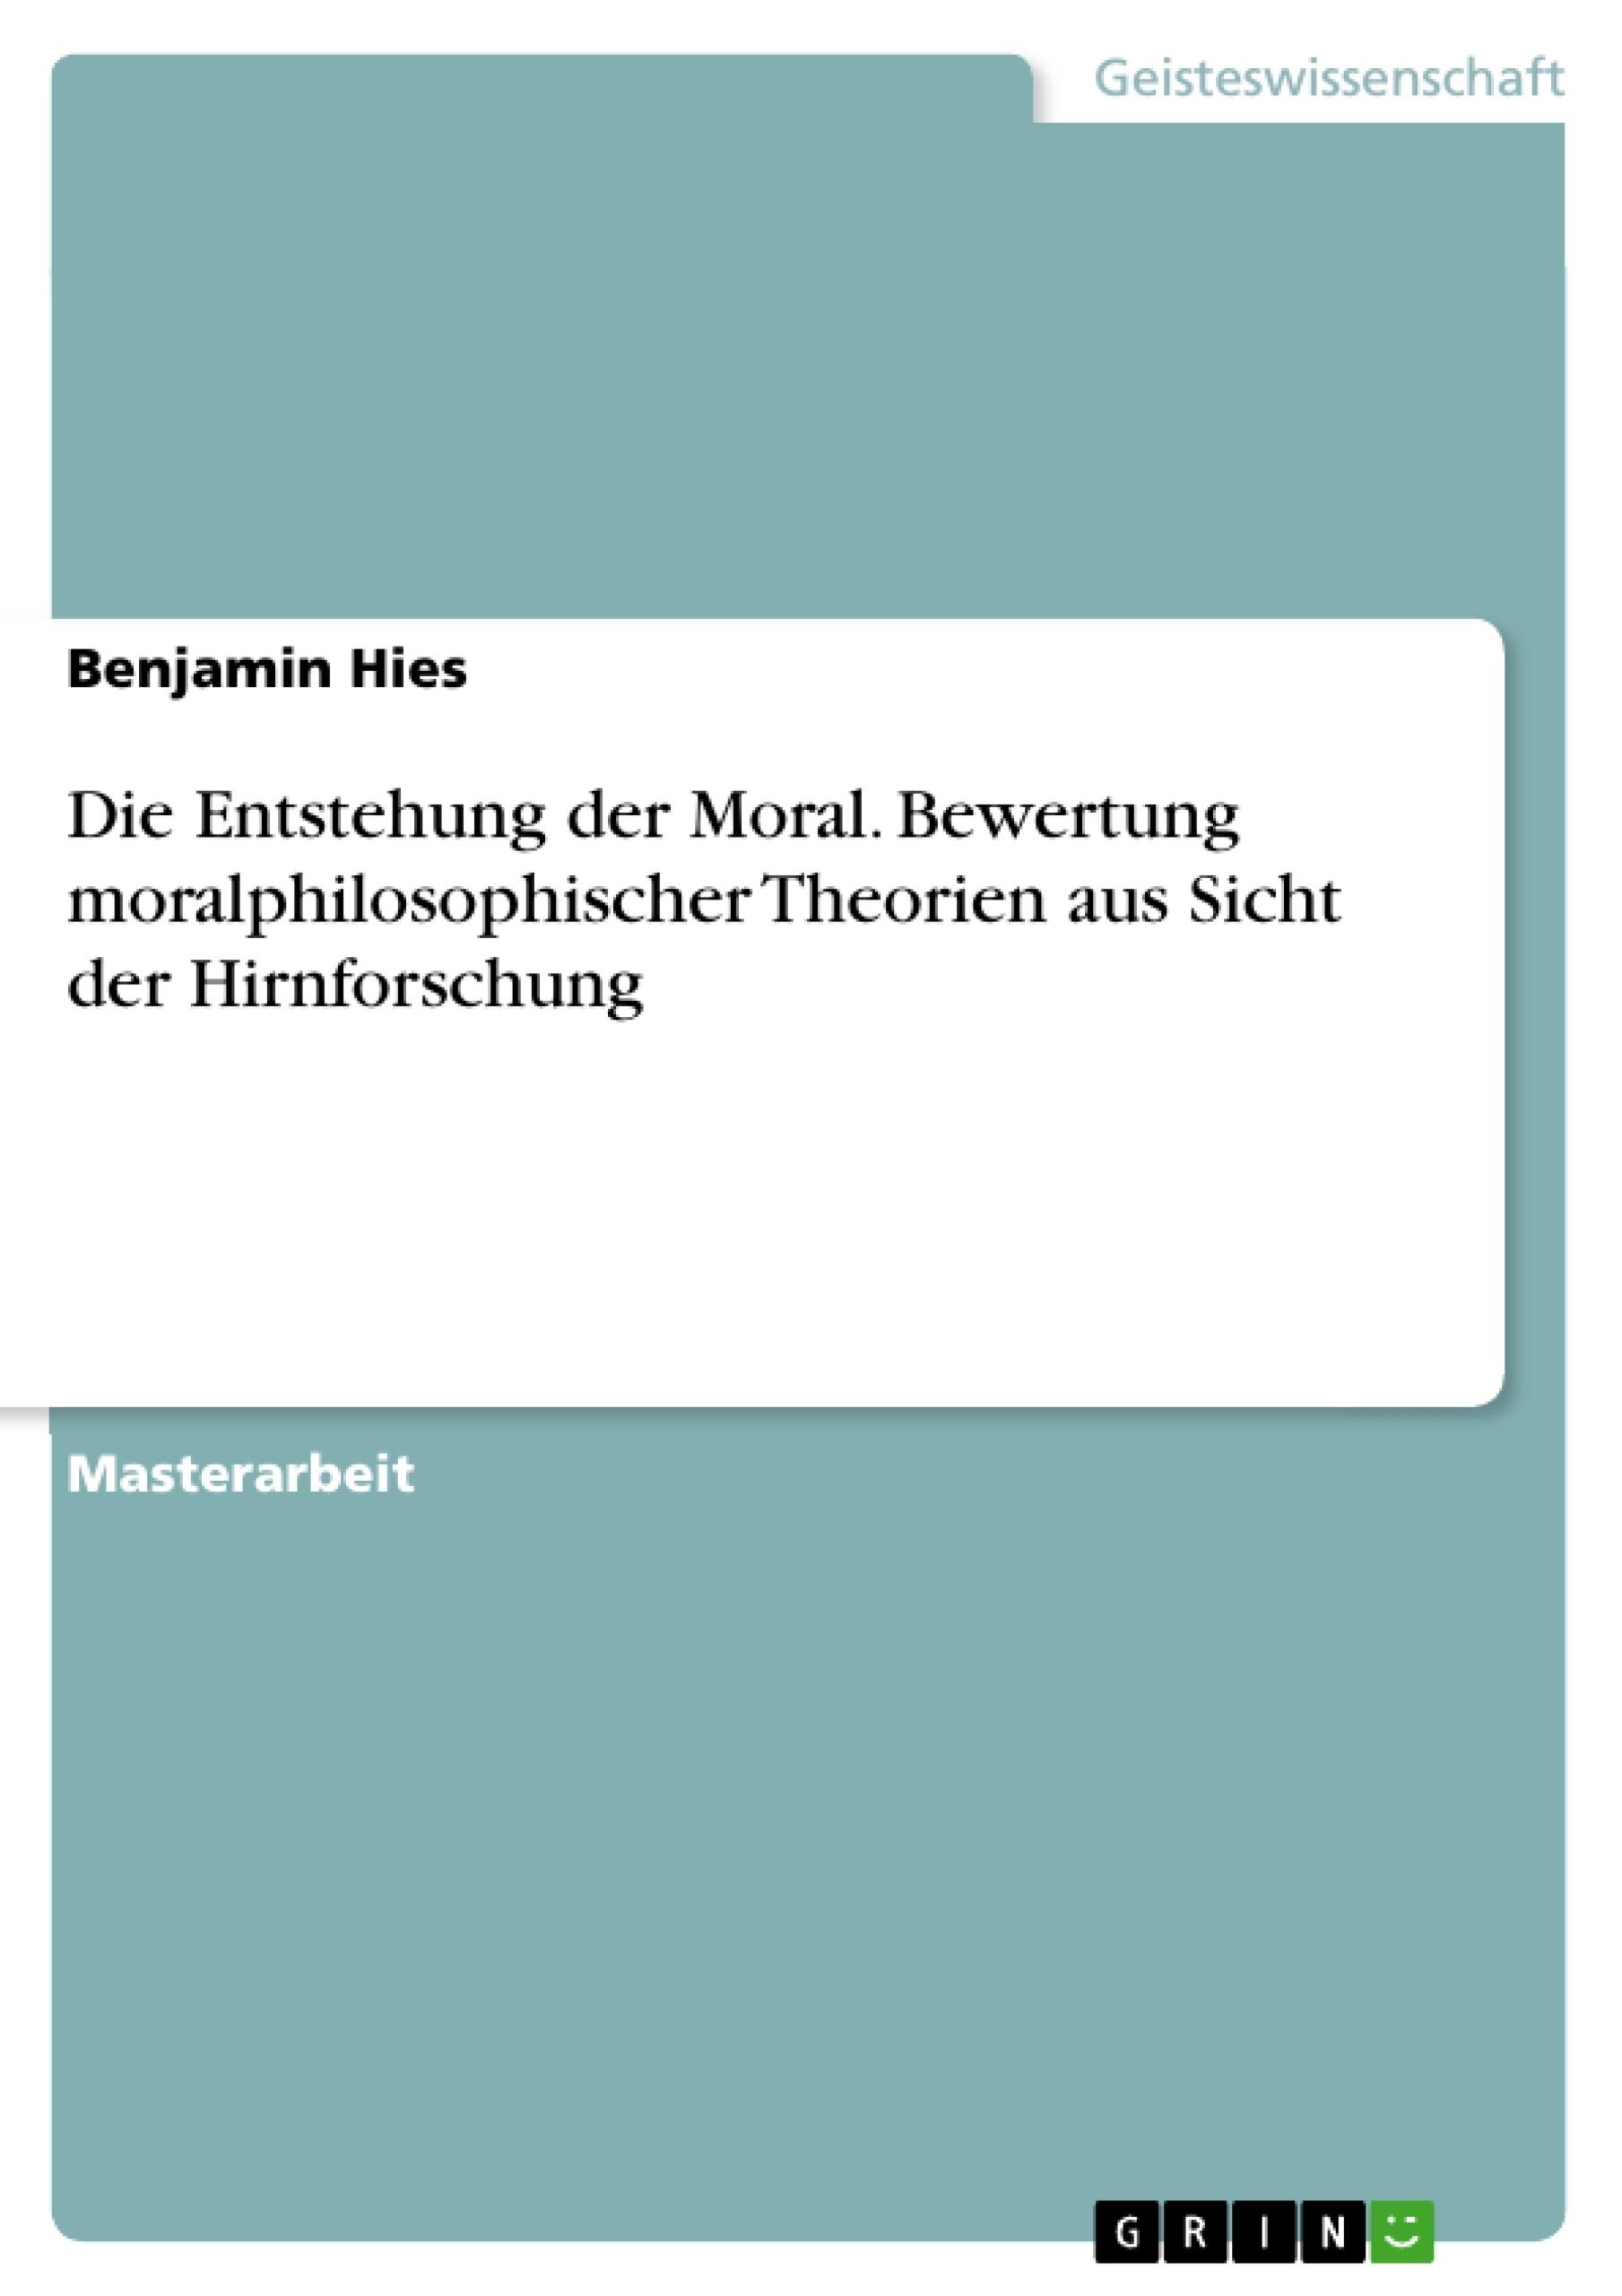 Titel: Die Entstehung der Moral. Bewertung moralphilosophischer Theorien aus Sicht der Hirnforschung